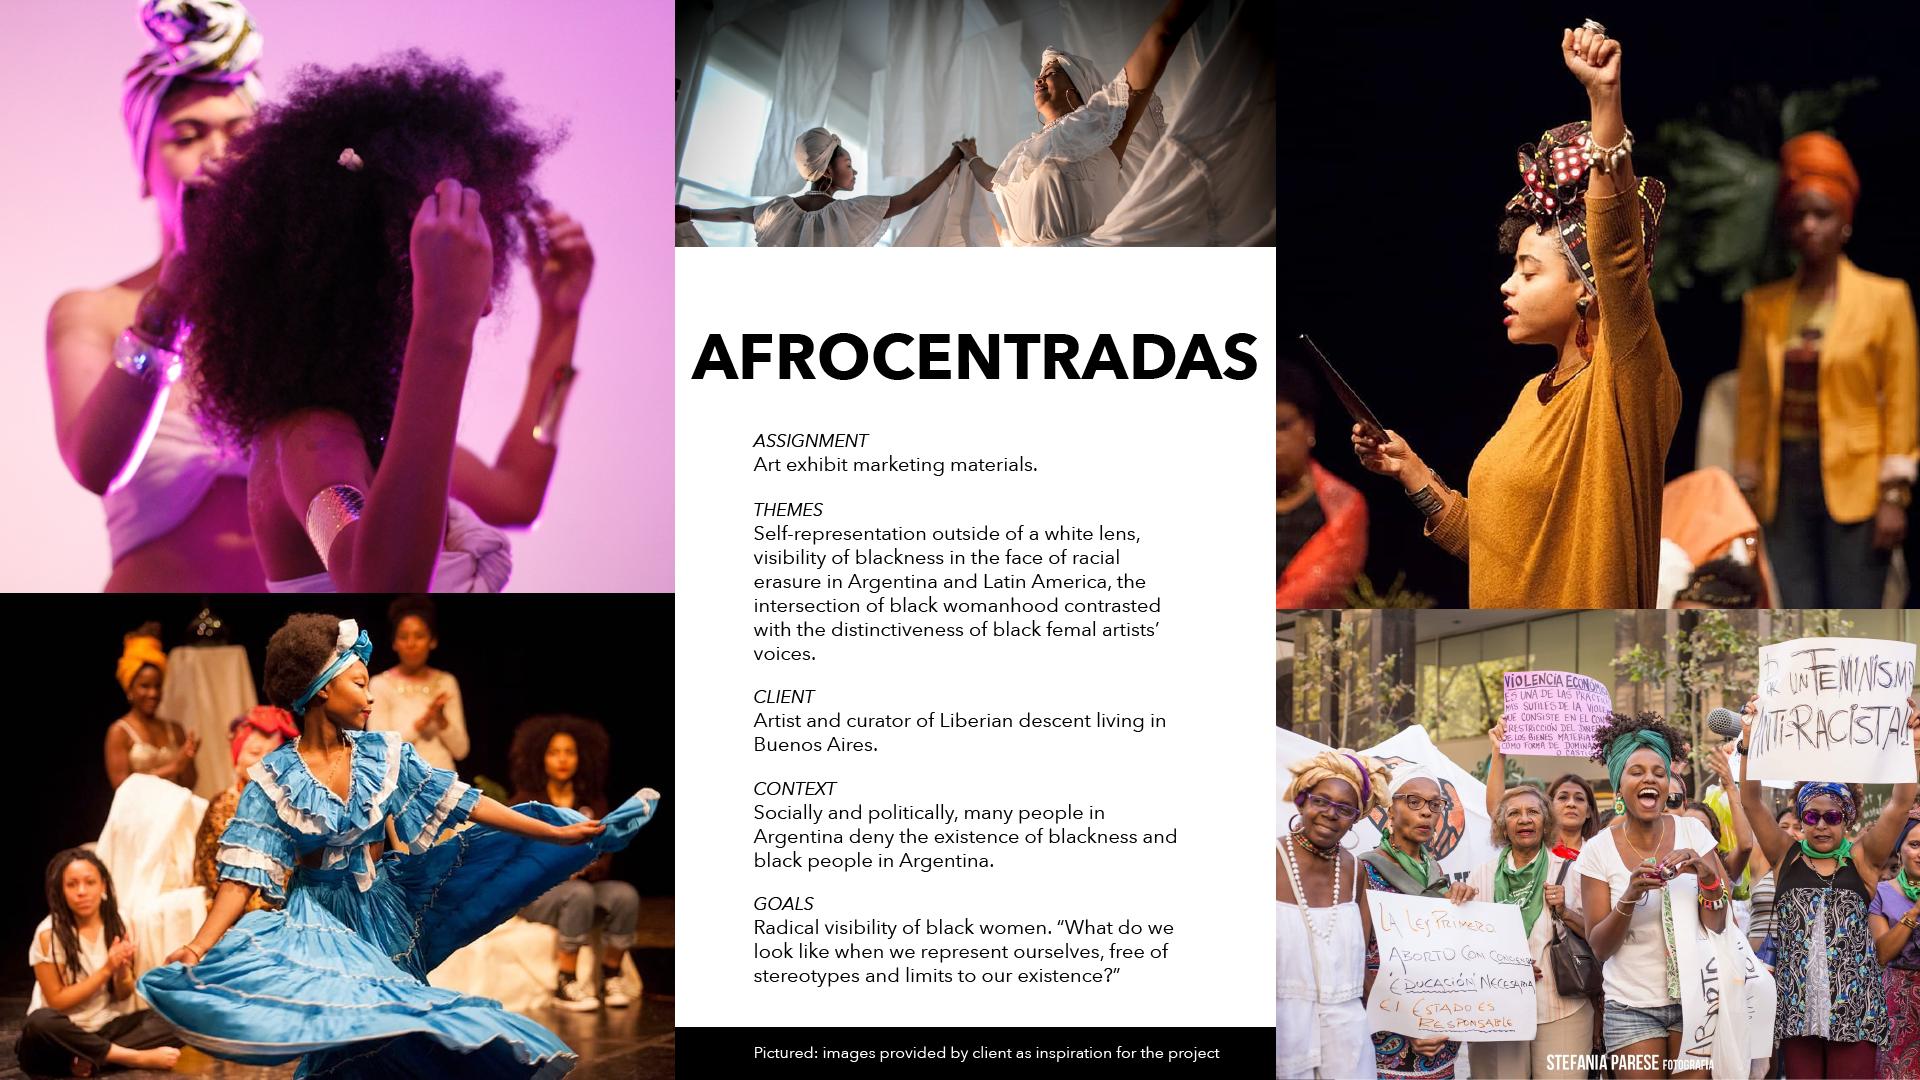 Afrocentradas Assignment